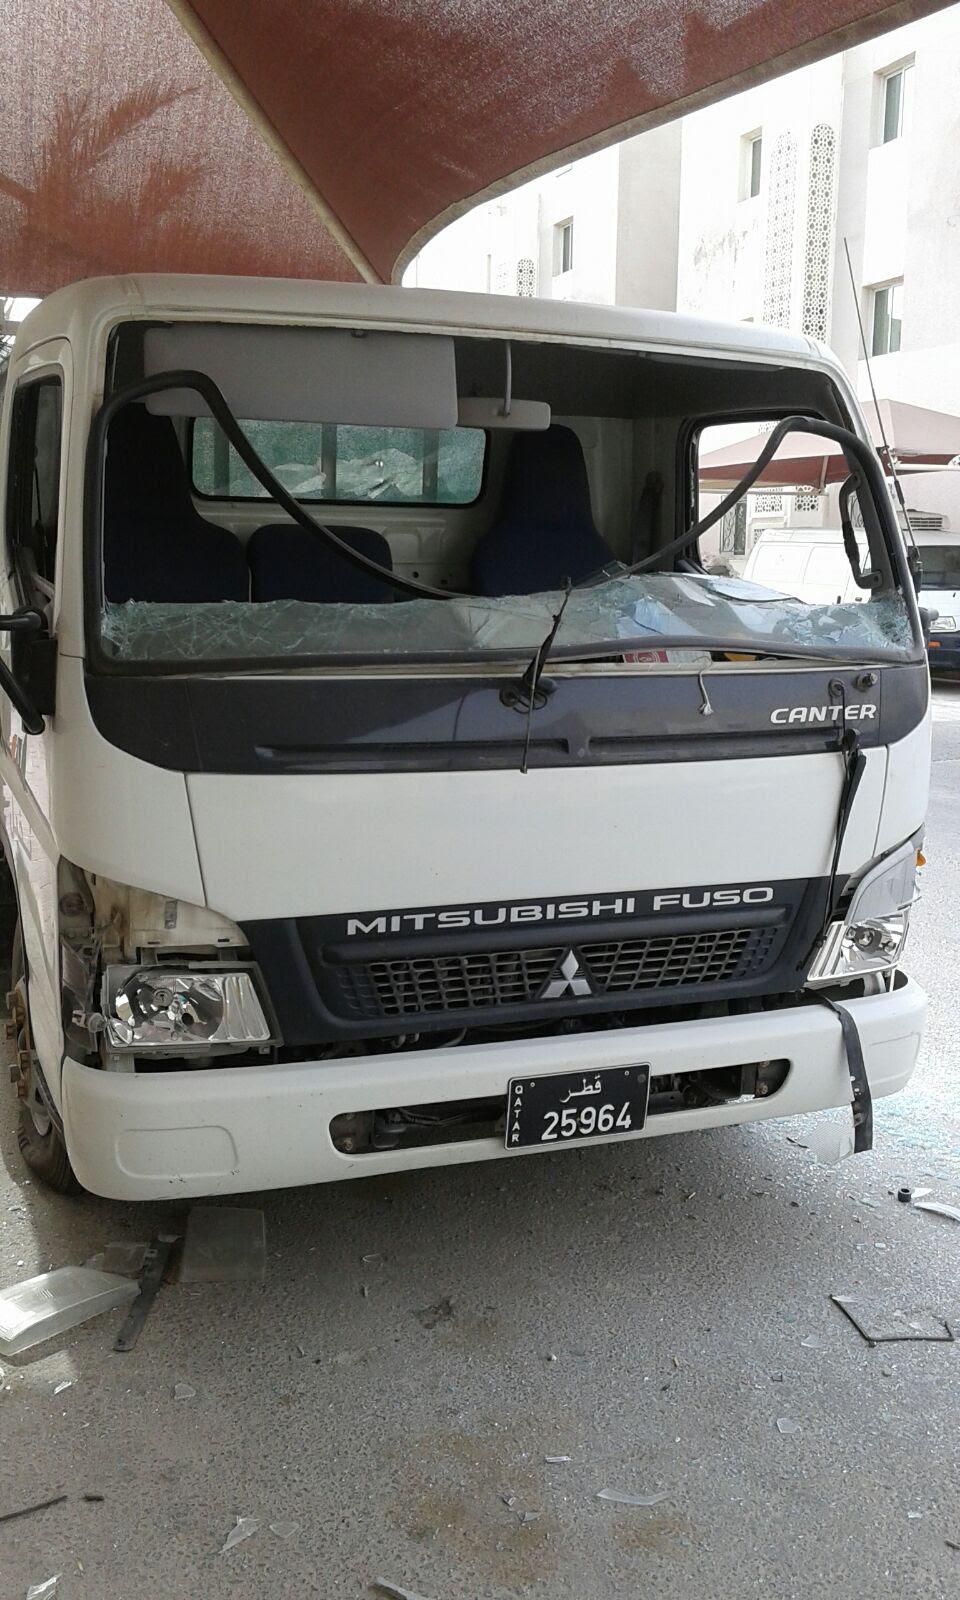 أعمال عنف فى عدة مدن قطرية